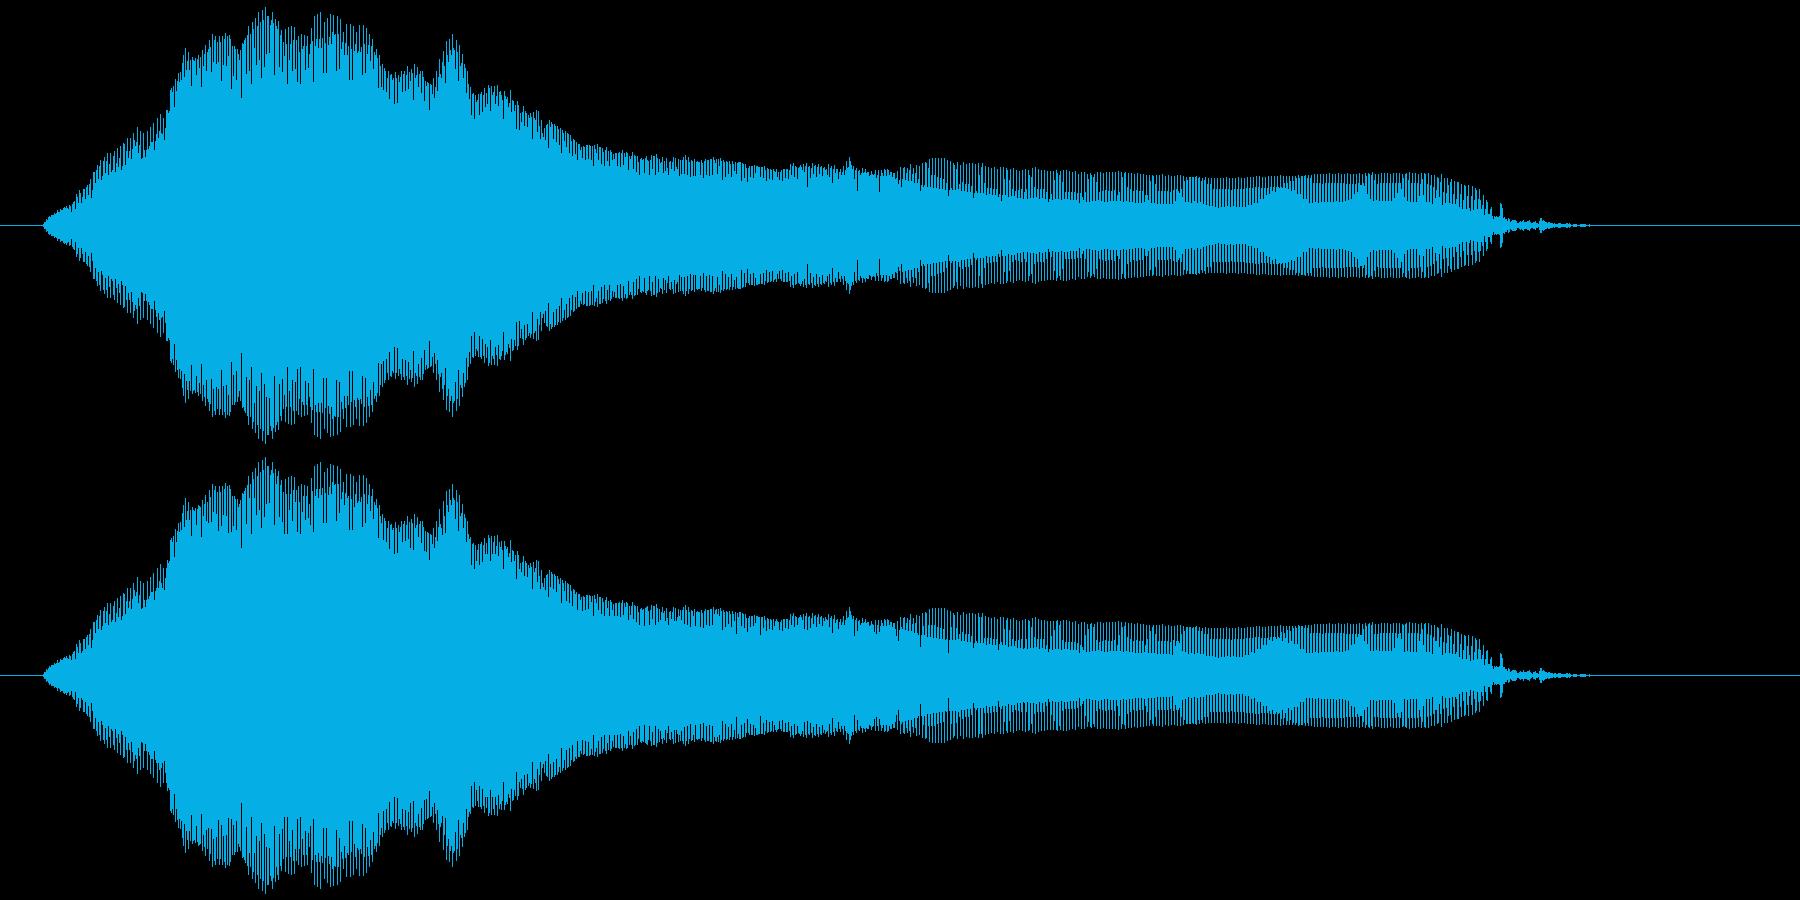 猫の鳴き声(ミャー)の再生済みの波形